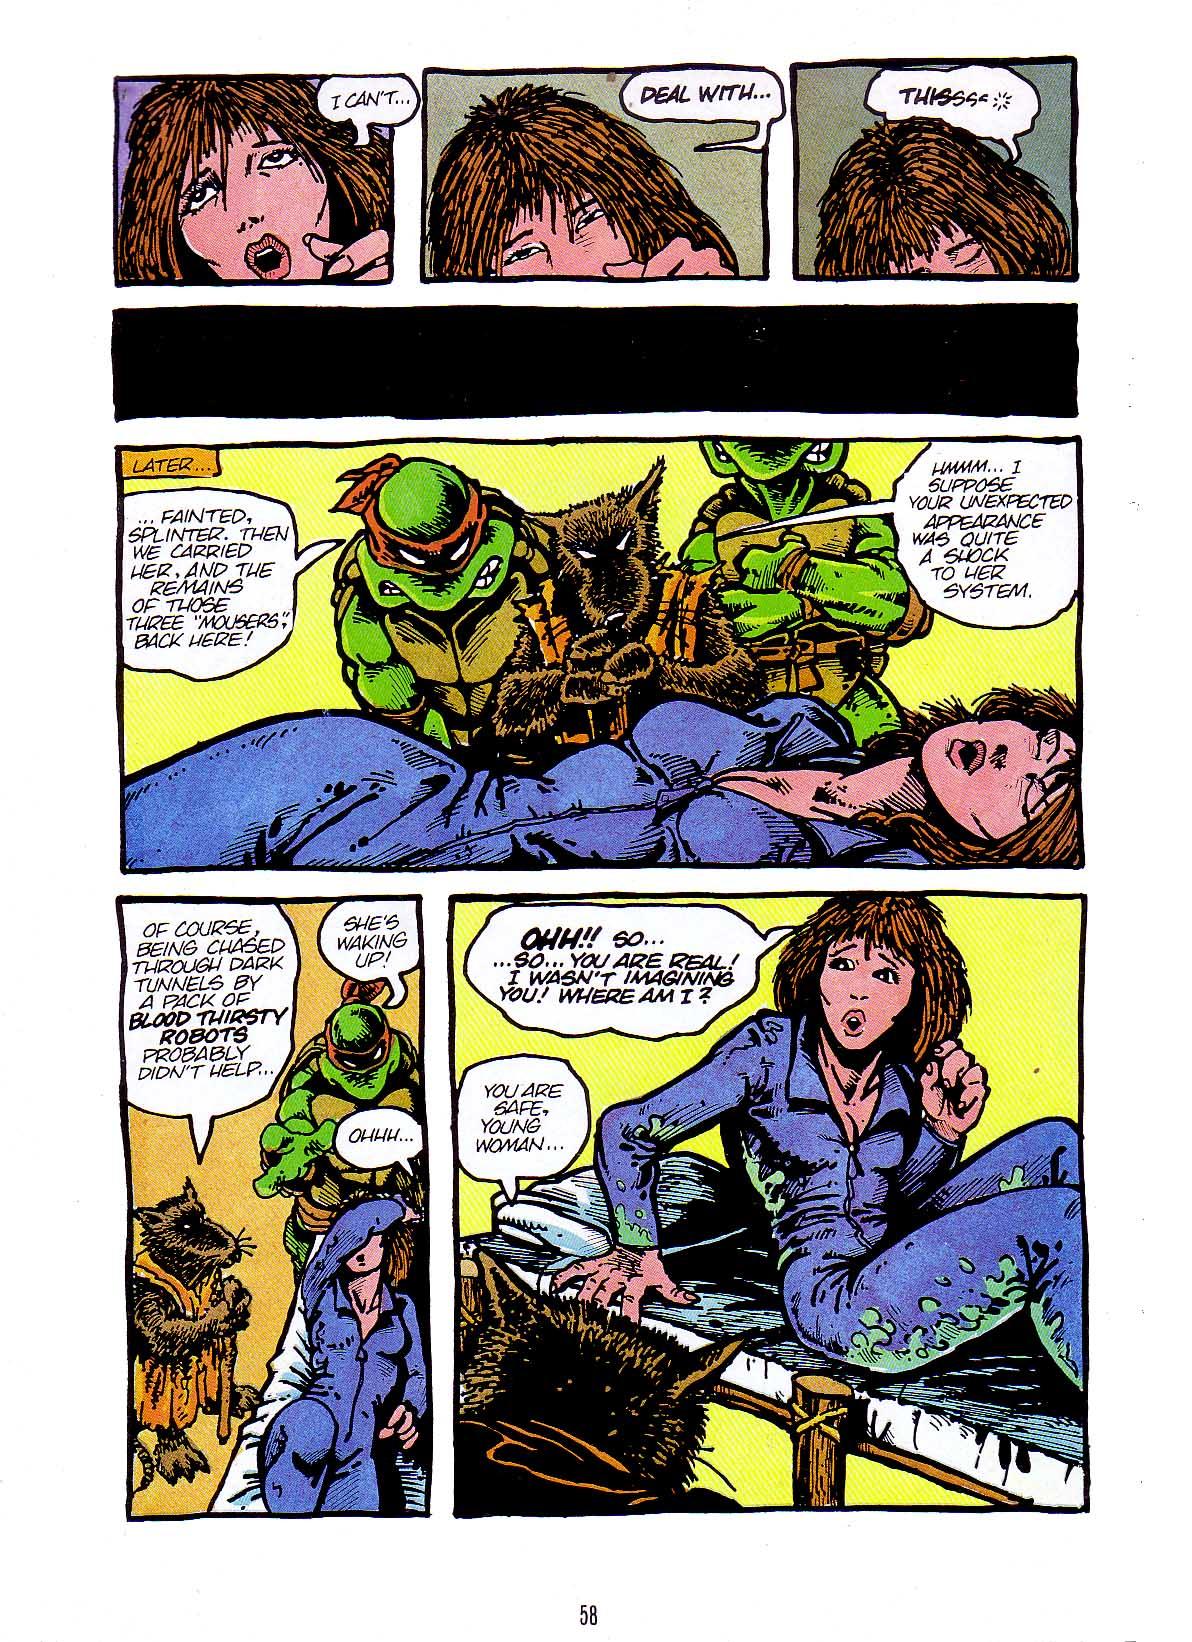 Teenage Mutant Ninja Turtles issue 2 (Mirage) - TMNTPedia